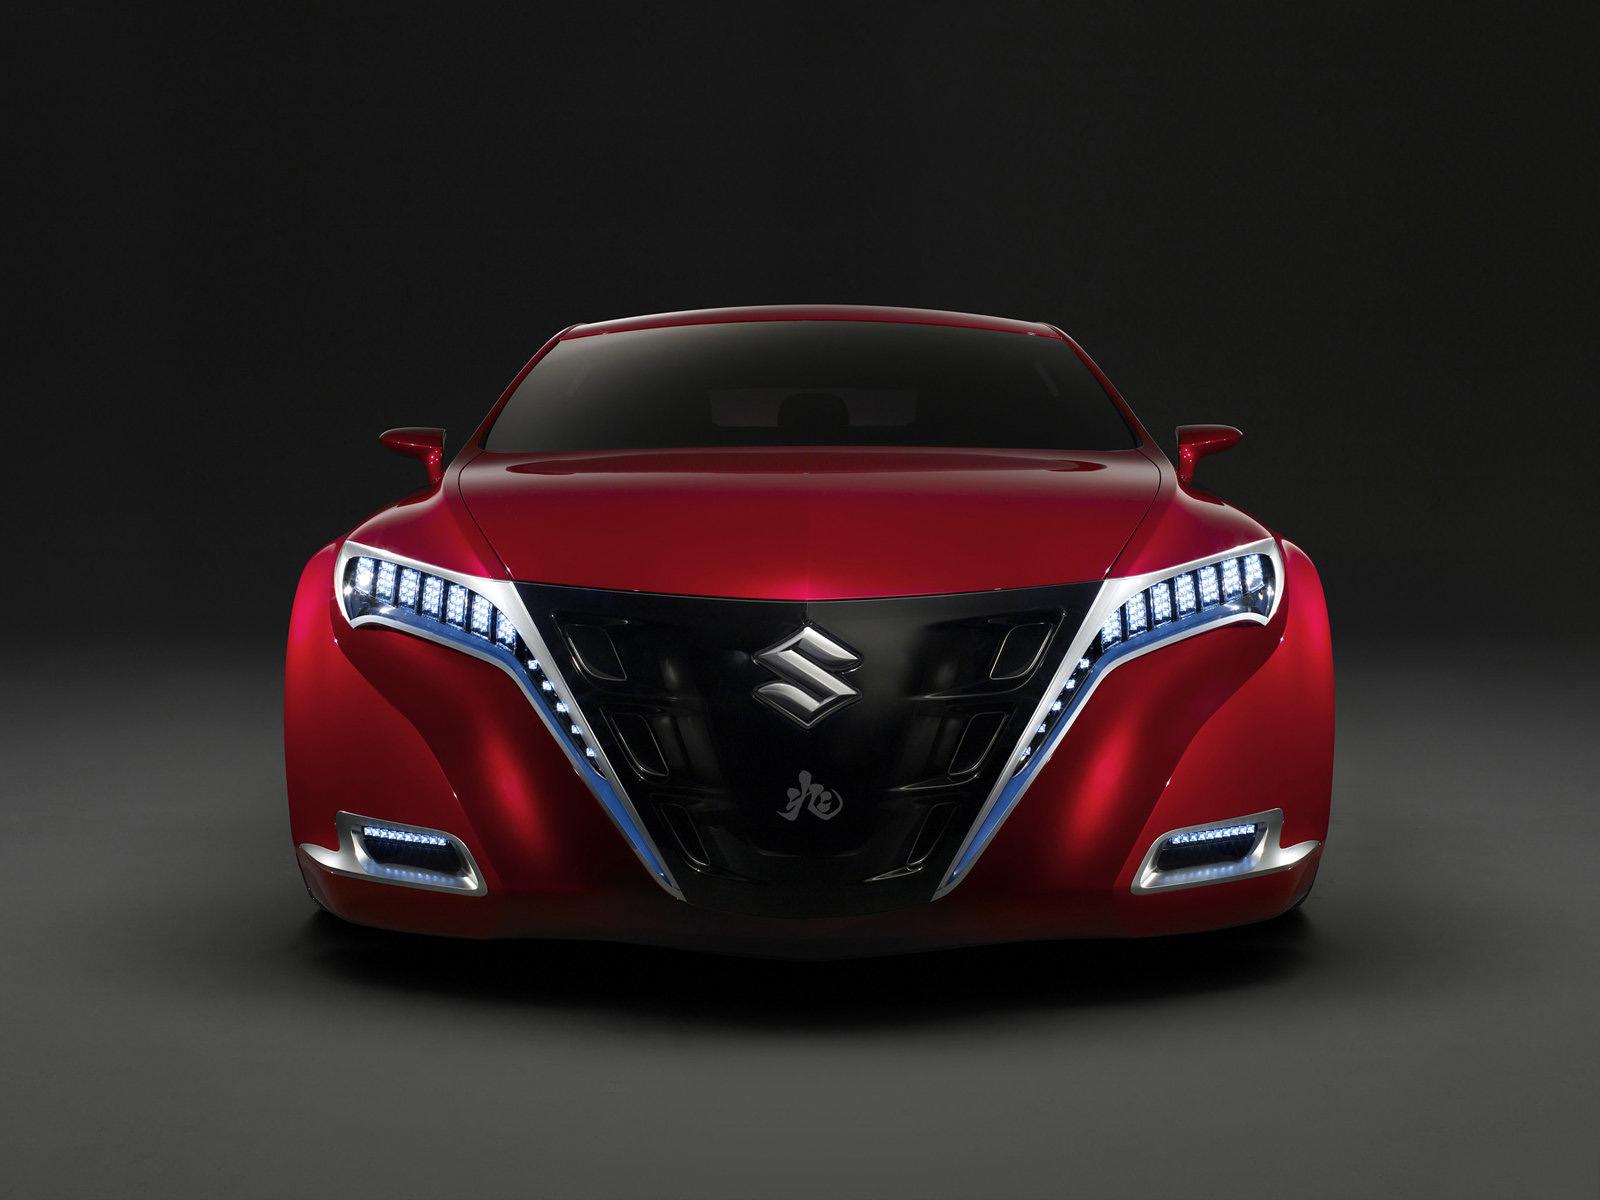 Suzuki - Coches autos, automóvil, automóviles, el carro Coches